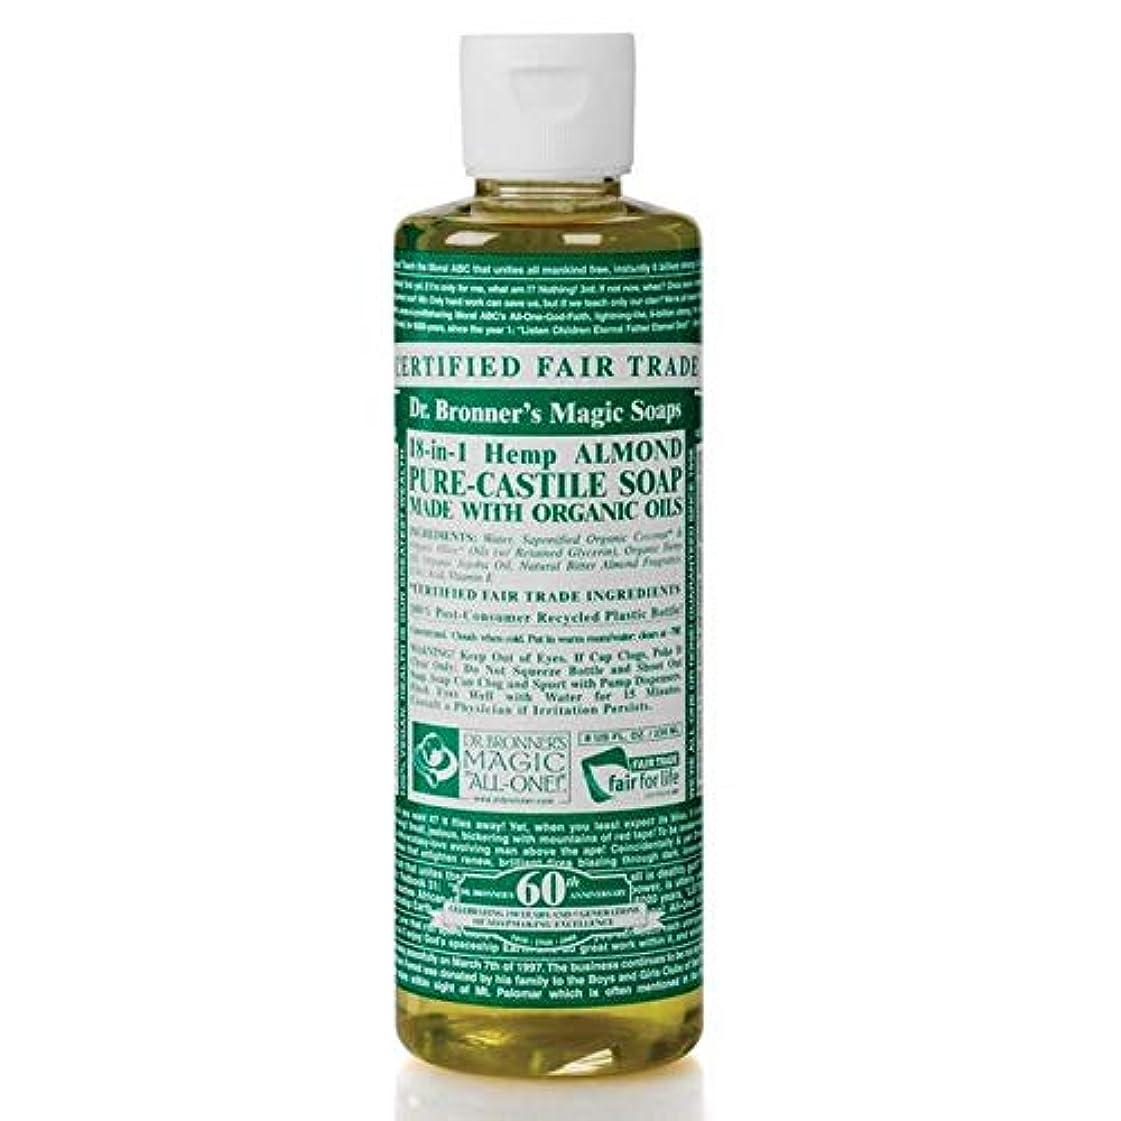 マウント物語会社[Dr Bronner] Dr。ブロナーズ有機アーモンドカスティーリャ液体石鹸473ミリリットル - Dr. Bronner's Organic Almond Castile Liquid Soap 473ml [並行輸入品]